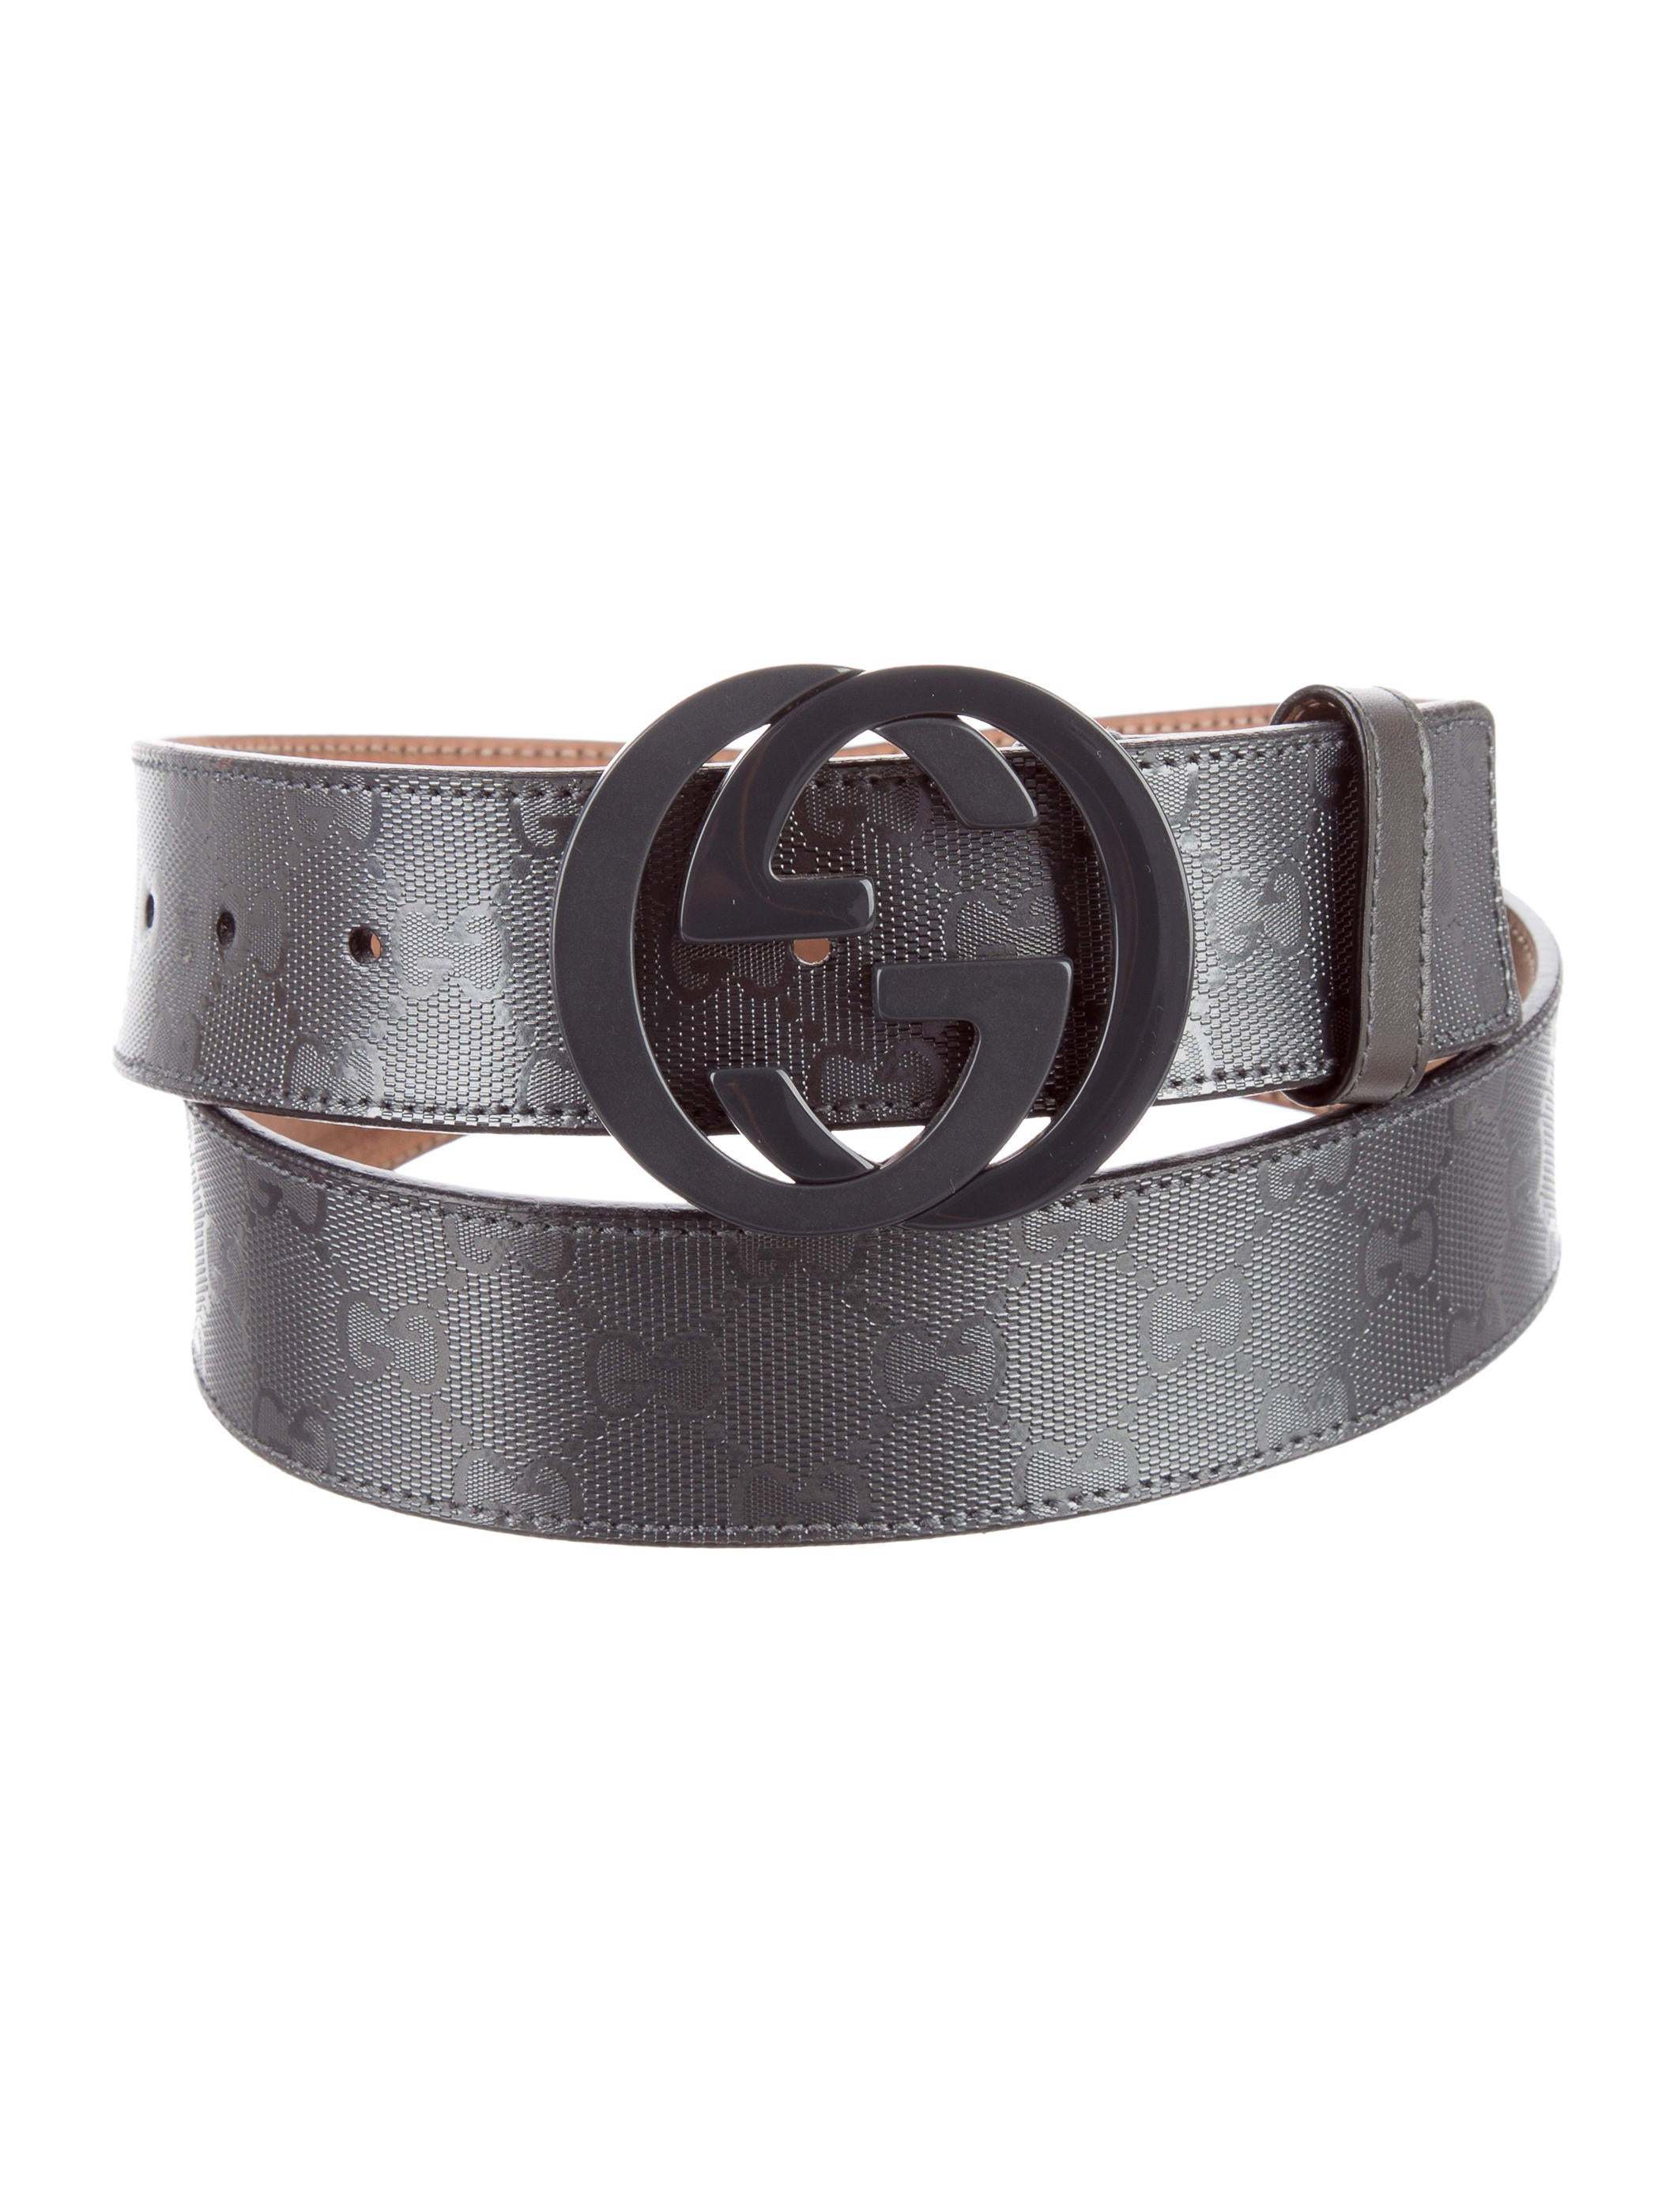 91e14b422ae Gucci GG Imprimé Belt - Accessories - GUC139353